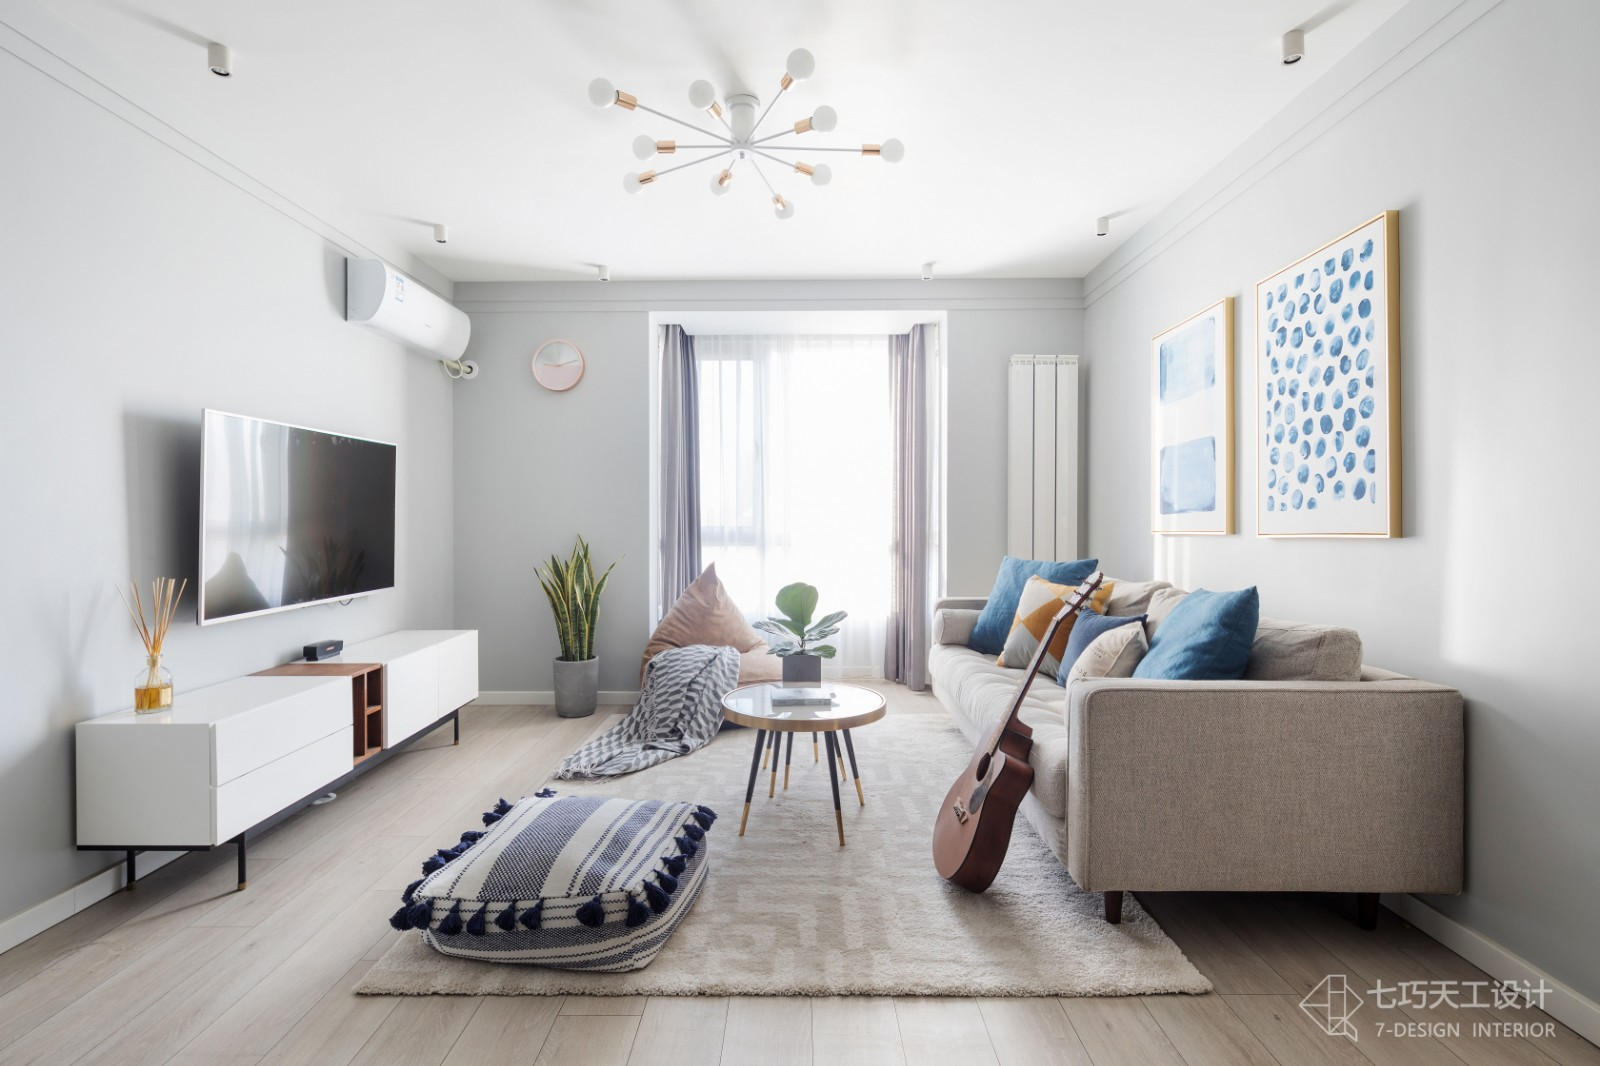 第二步:请为图片添加描述客厅北欧极简客厅设计图片赏析